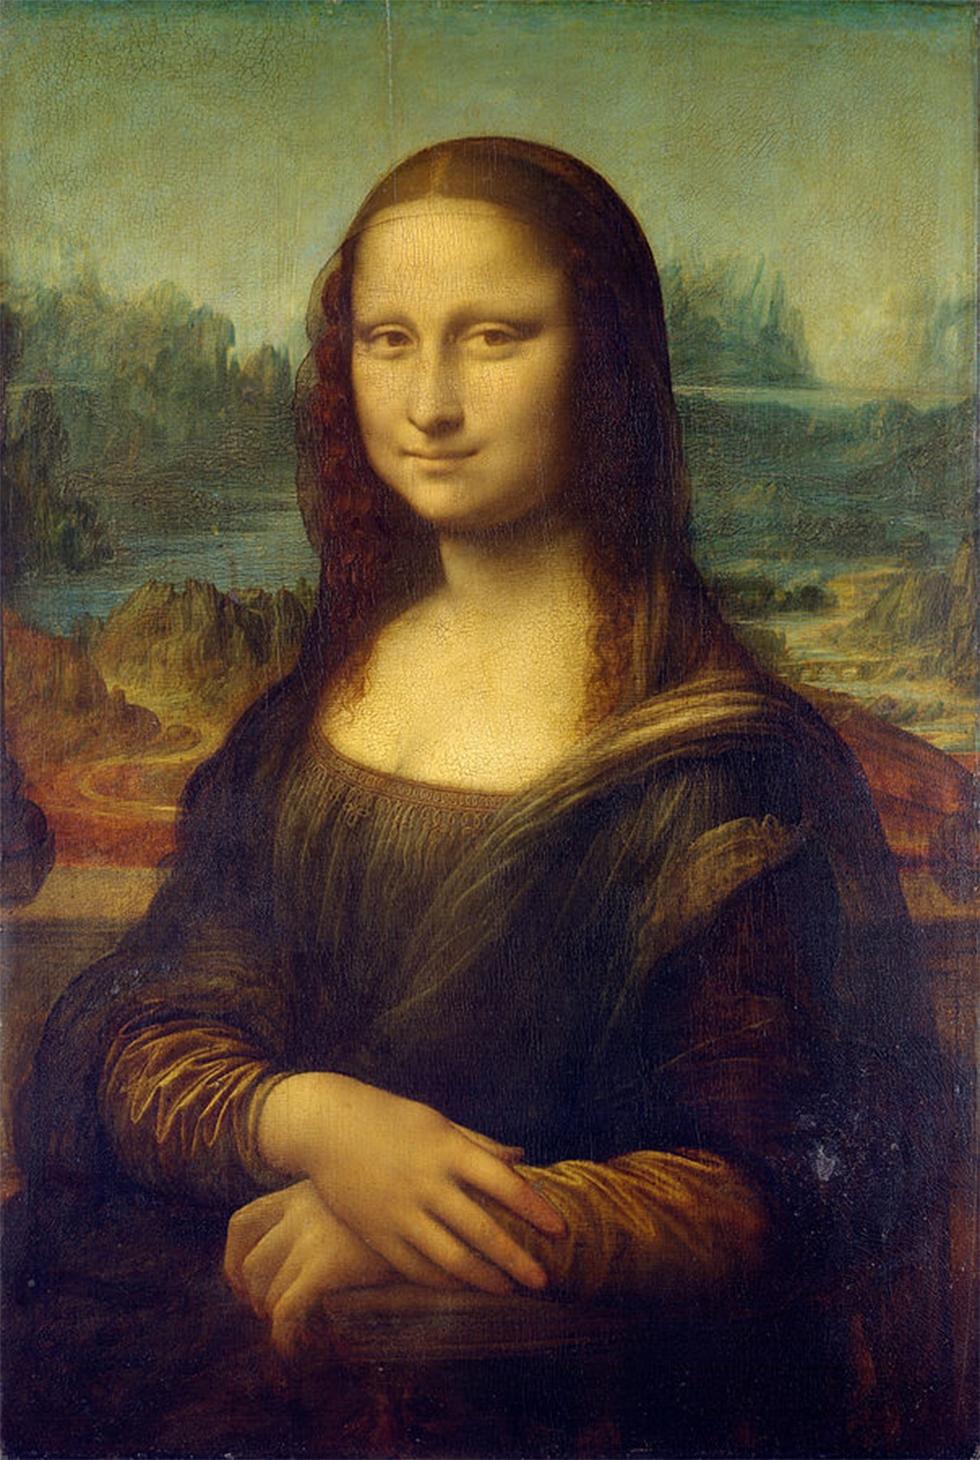 המונה ליזה. צוירה ב-1503